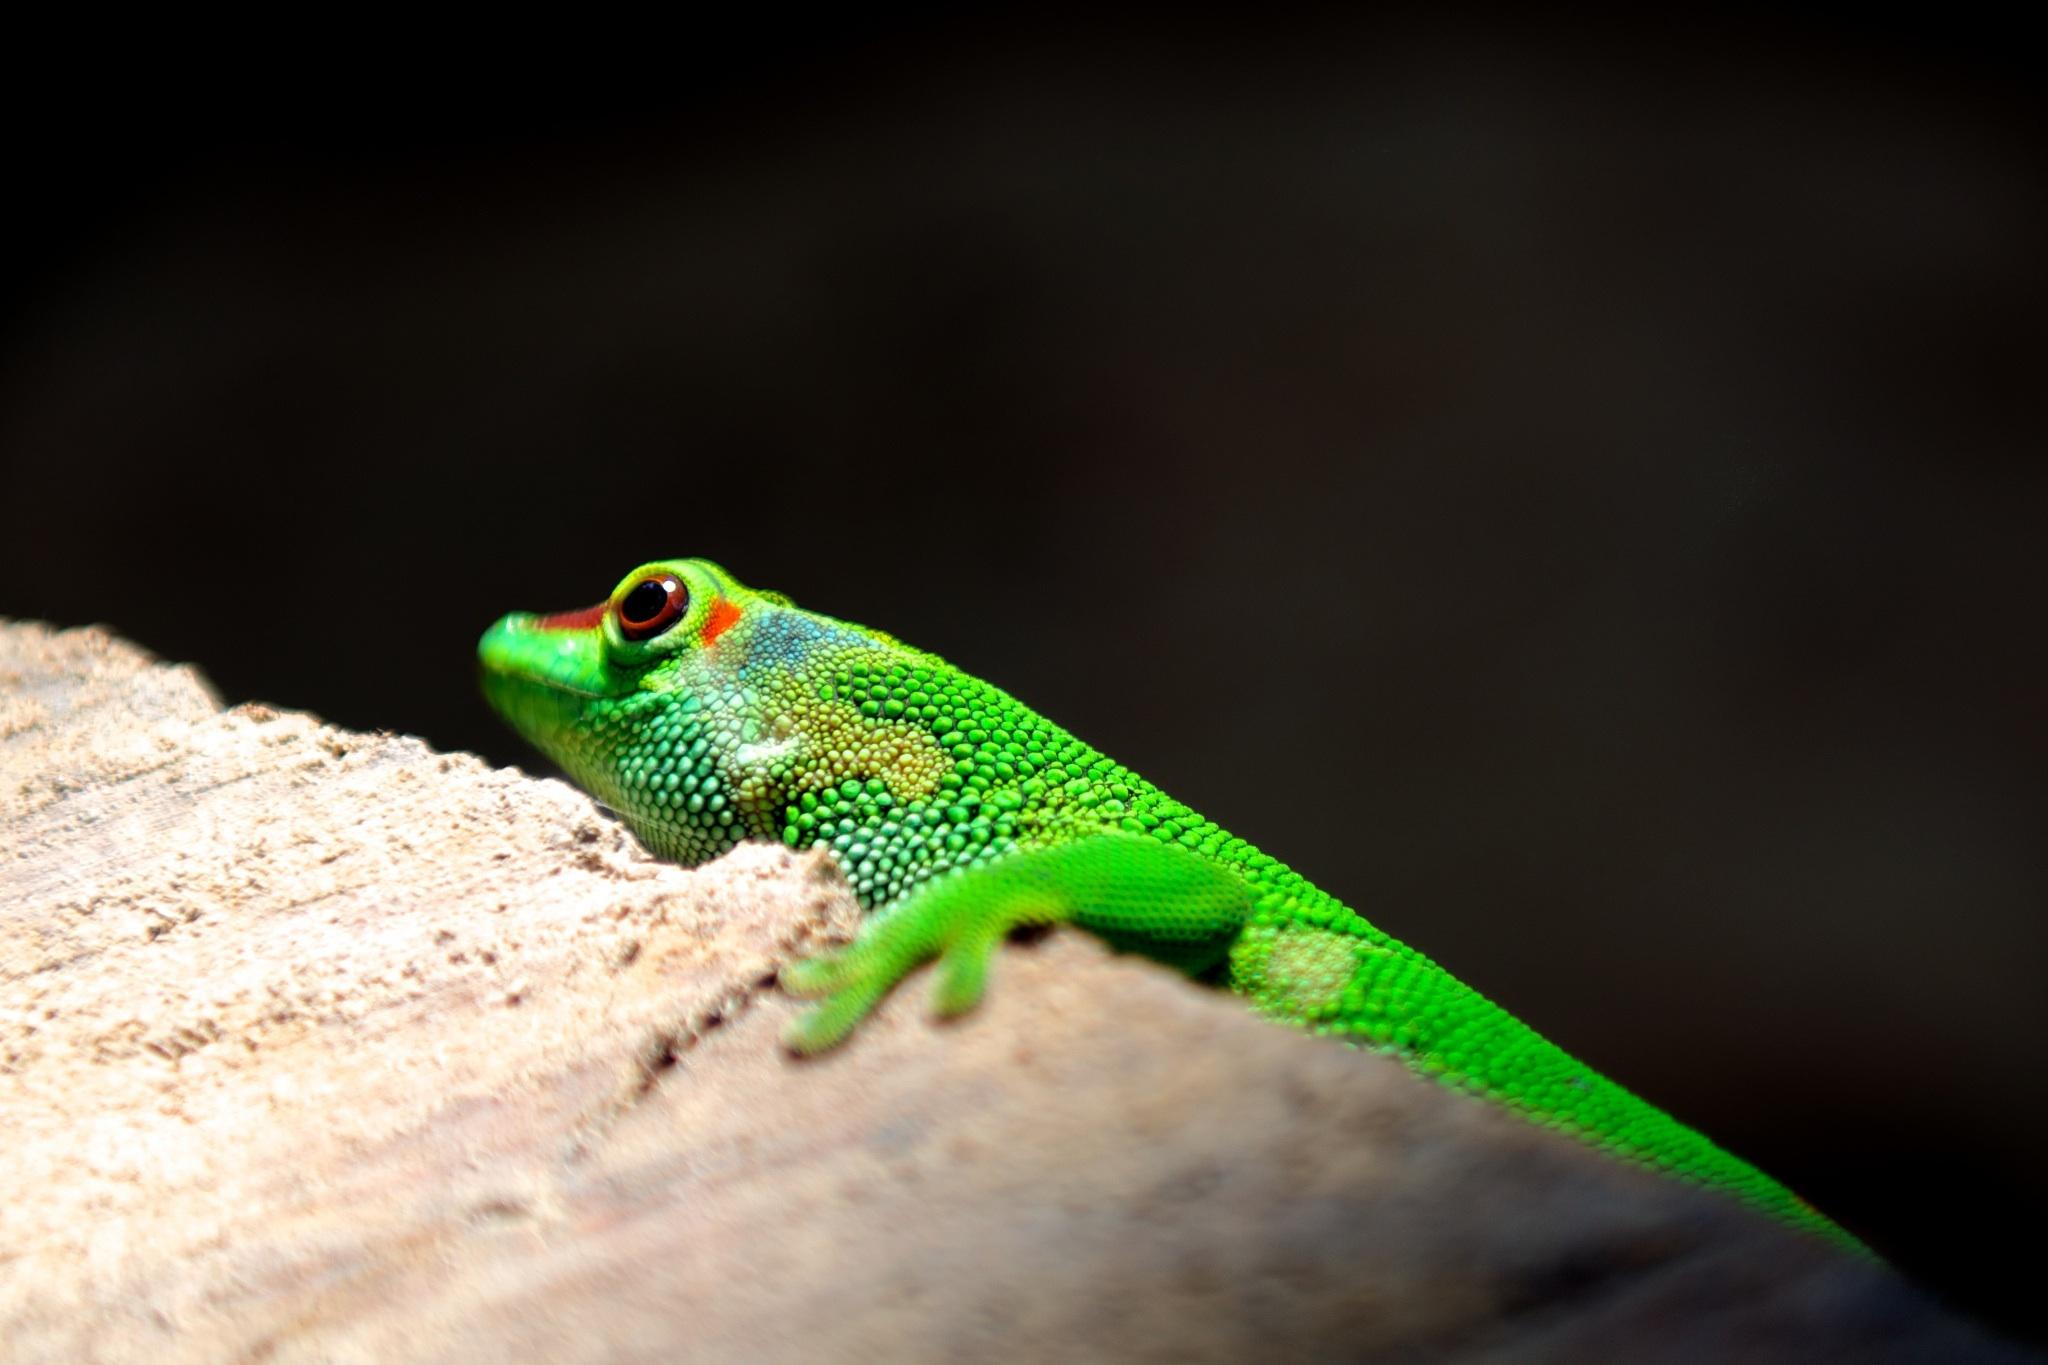 green lizard wallpaper background